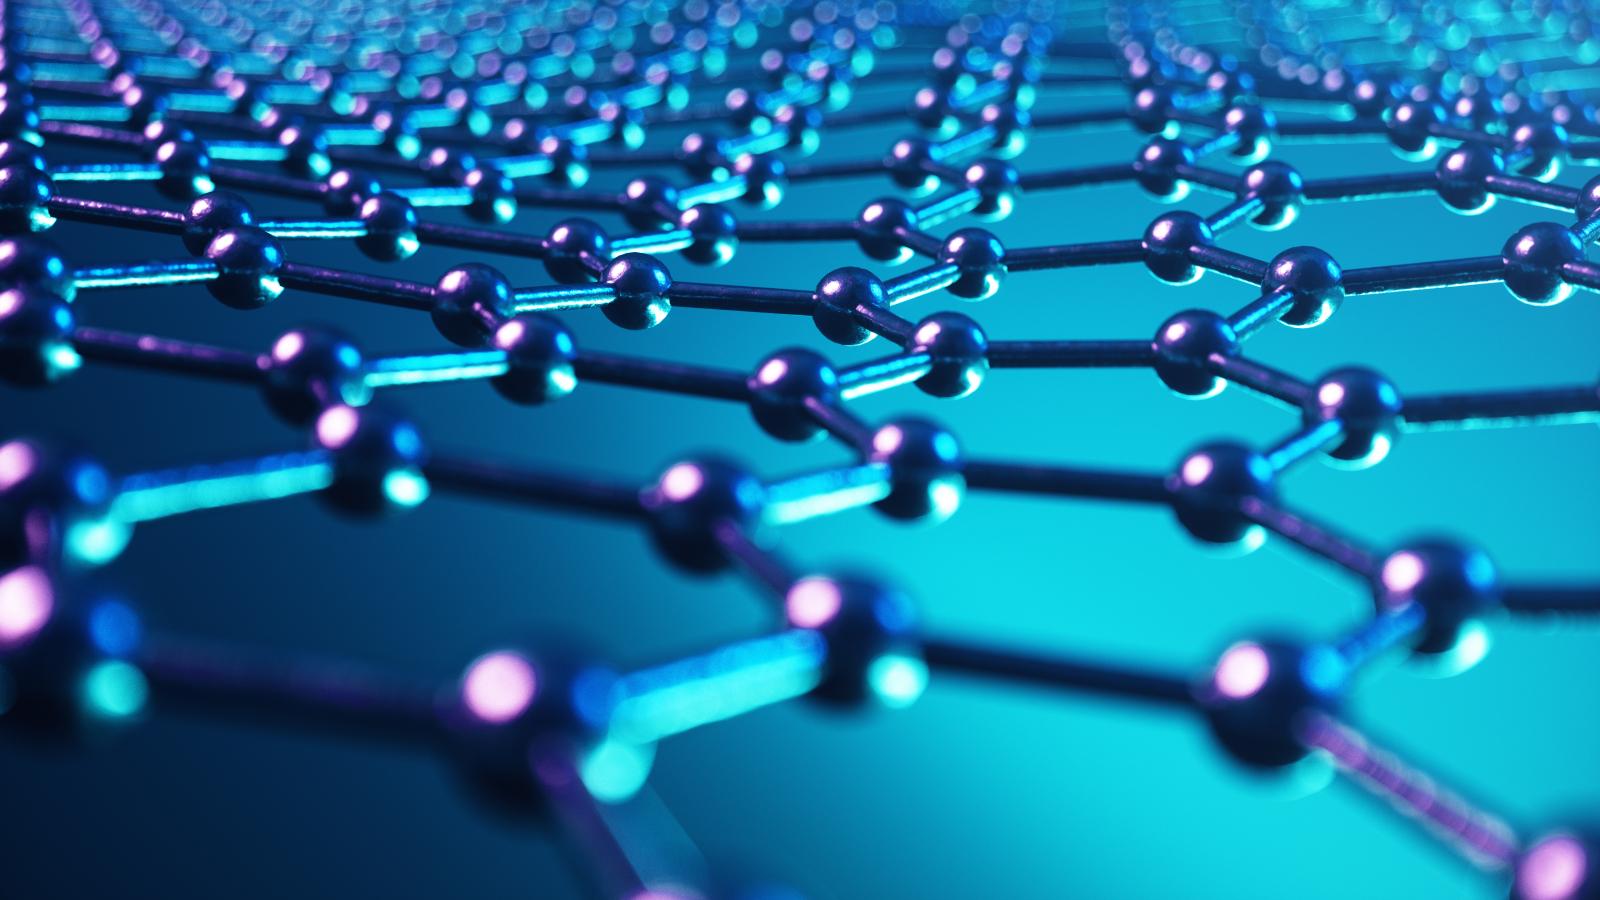 carbon structures